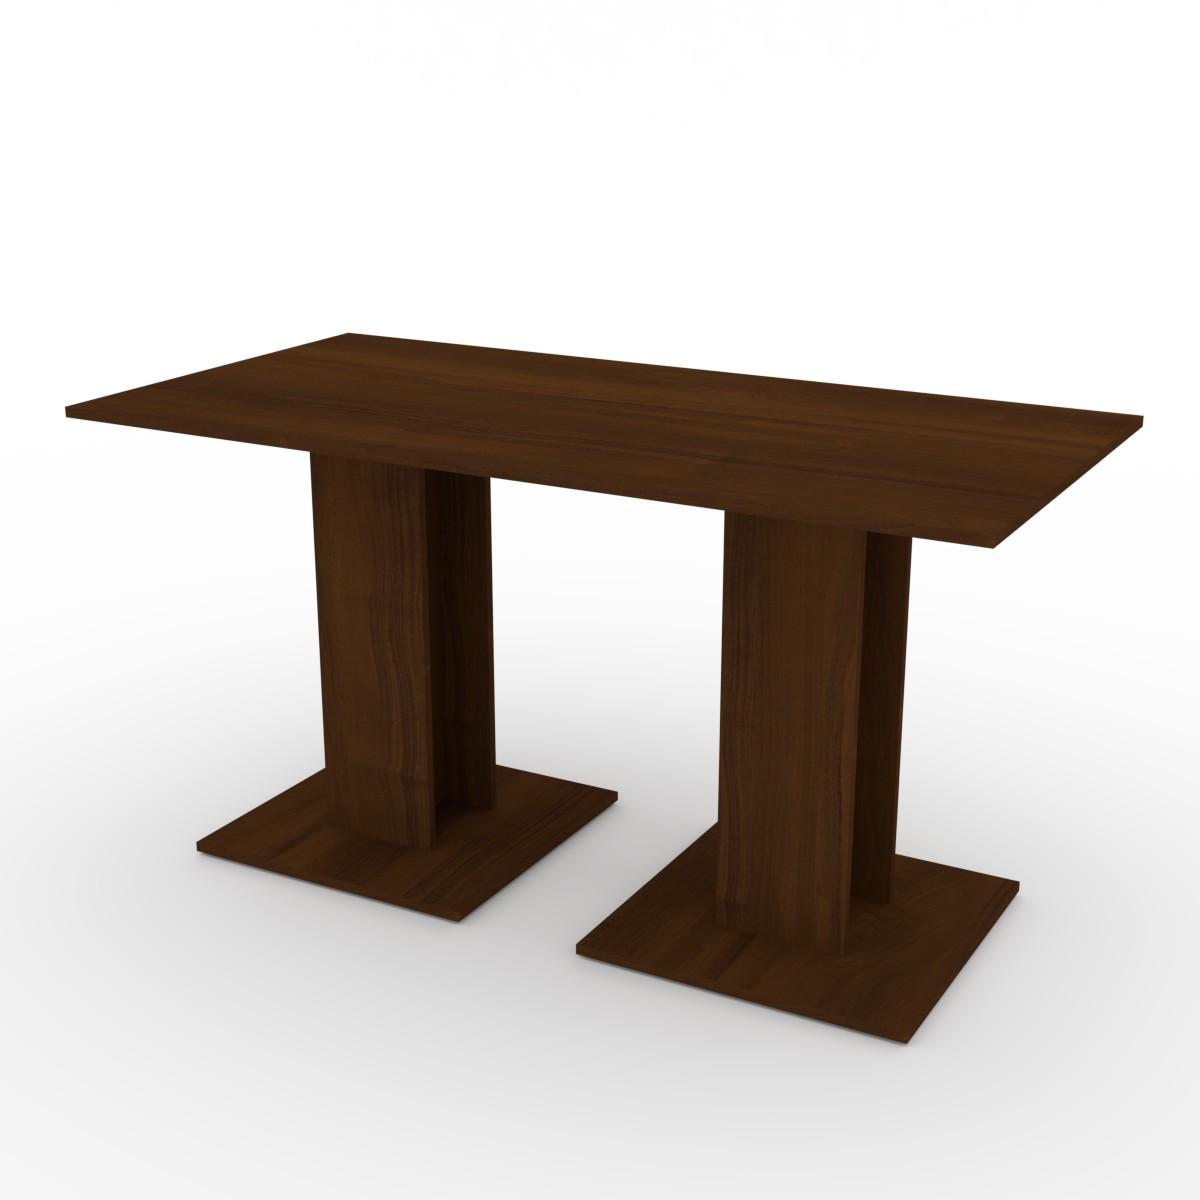 Стол кухонный КС-8 орех экко Компанит (140х70х74 см)